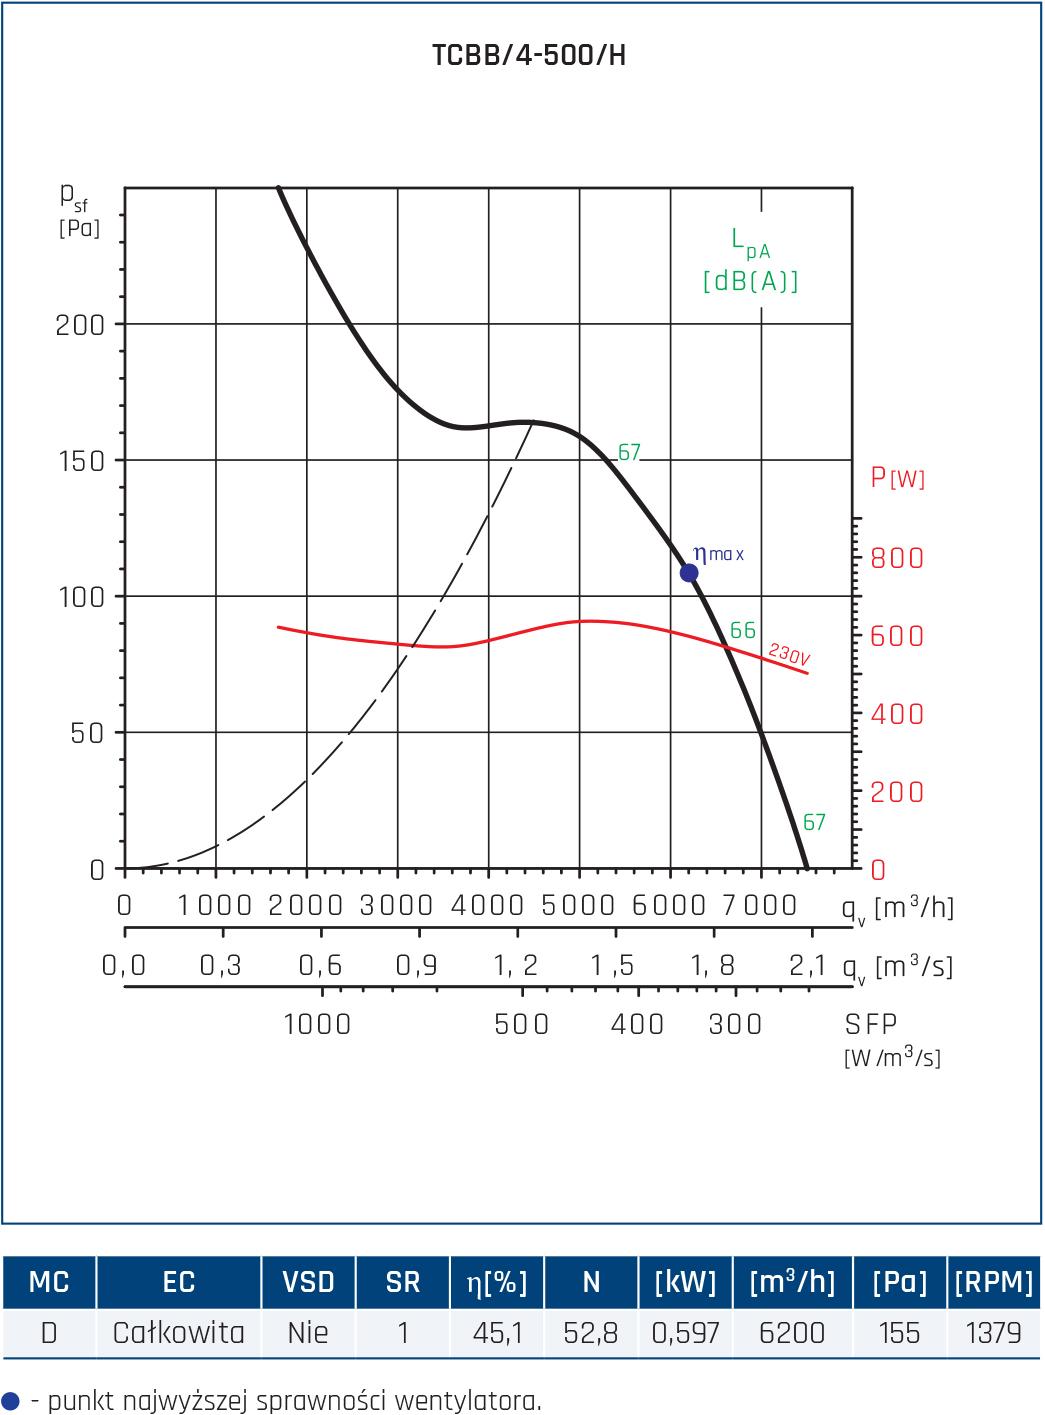 Wentylator Compact TCBB/TCBT 20